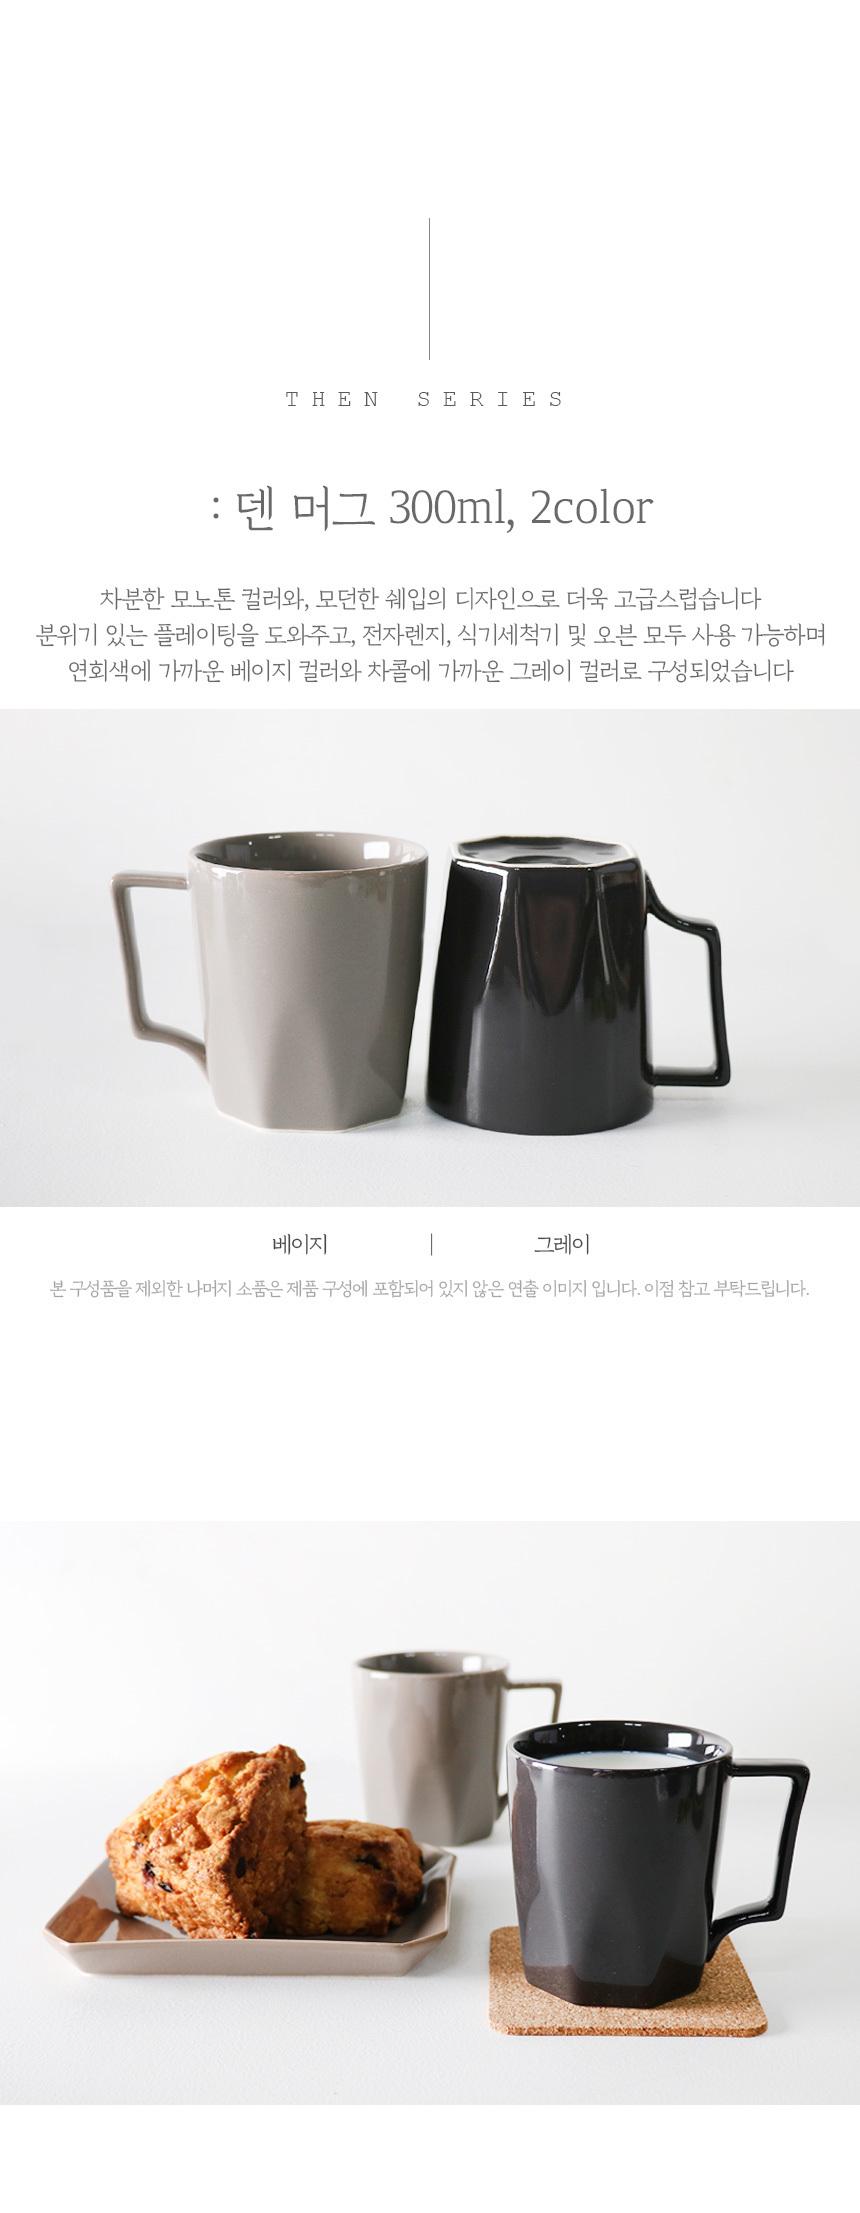 덴 도자기 머그컵 350ml 2color - 키친몰링, 4,900원, 머그컵, 심플머그